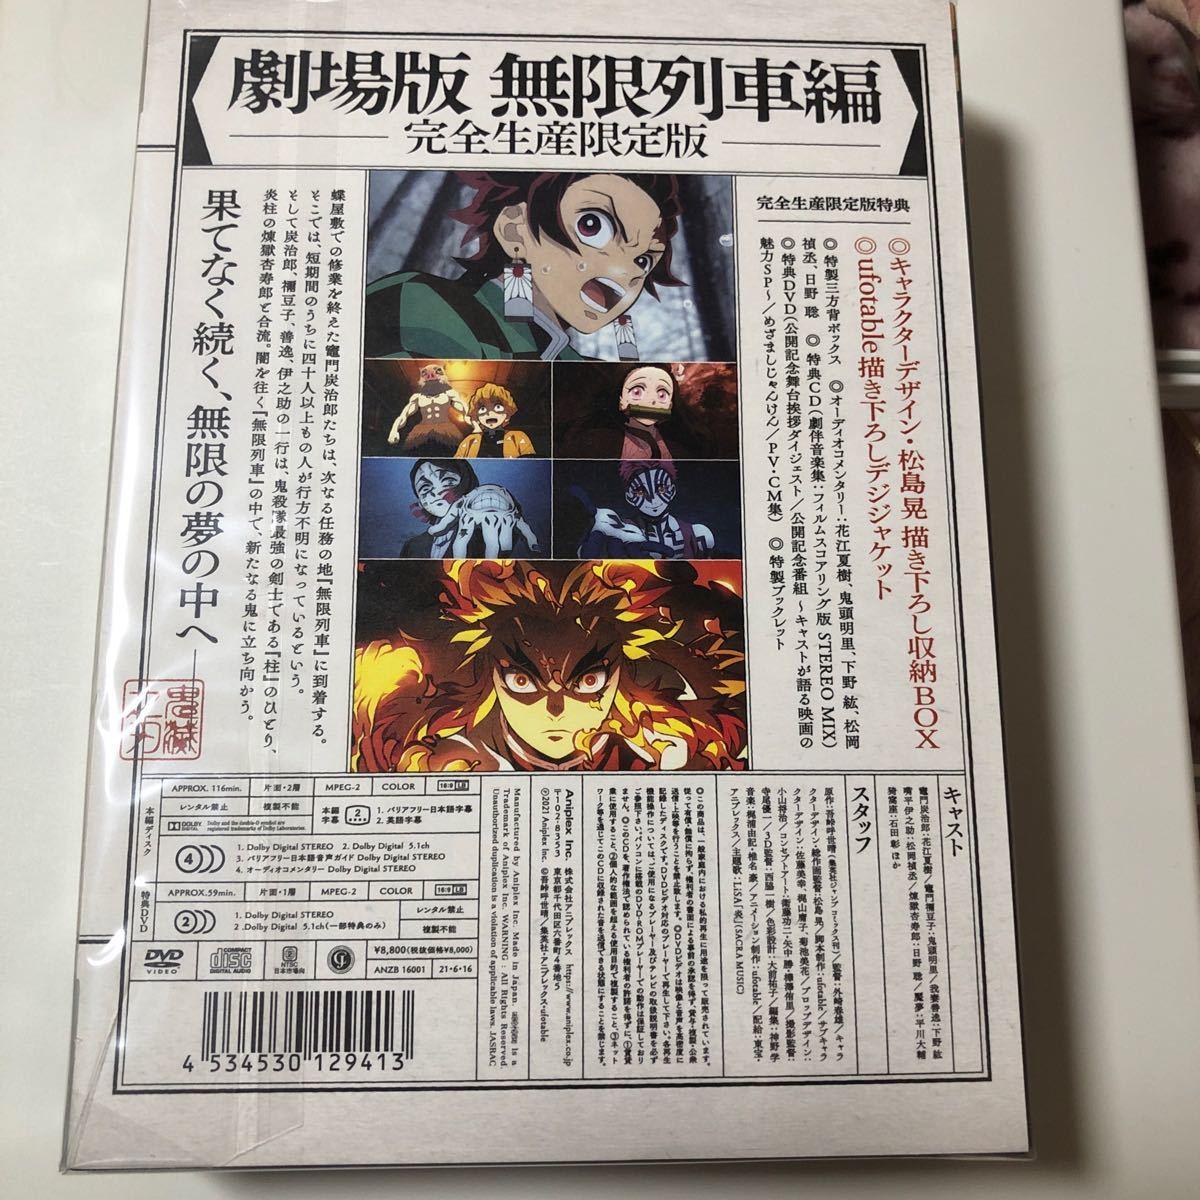 劇場版「鬼滅の刃」無限列車編【完全生産限定版】DVD